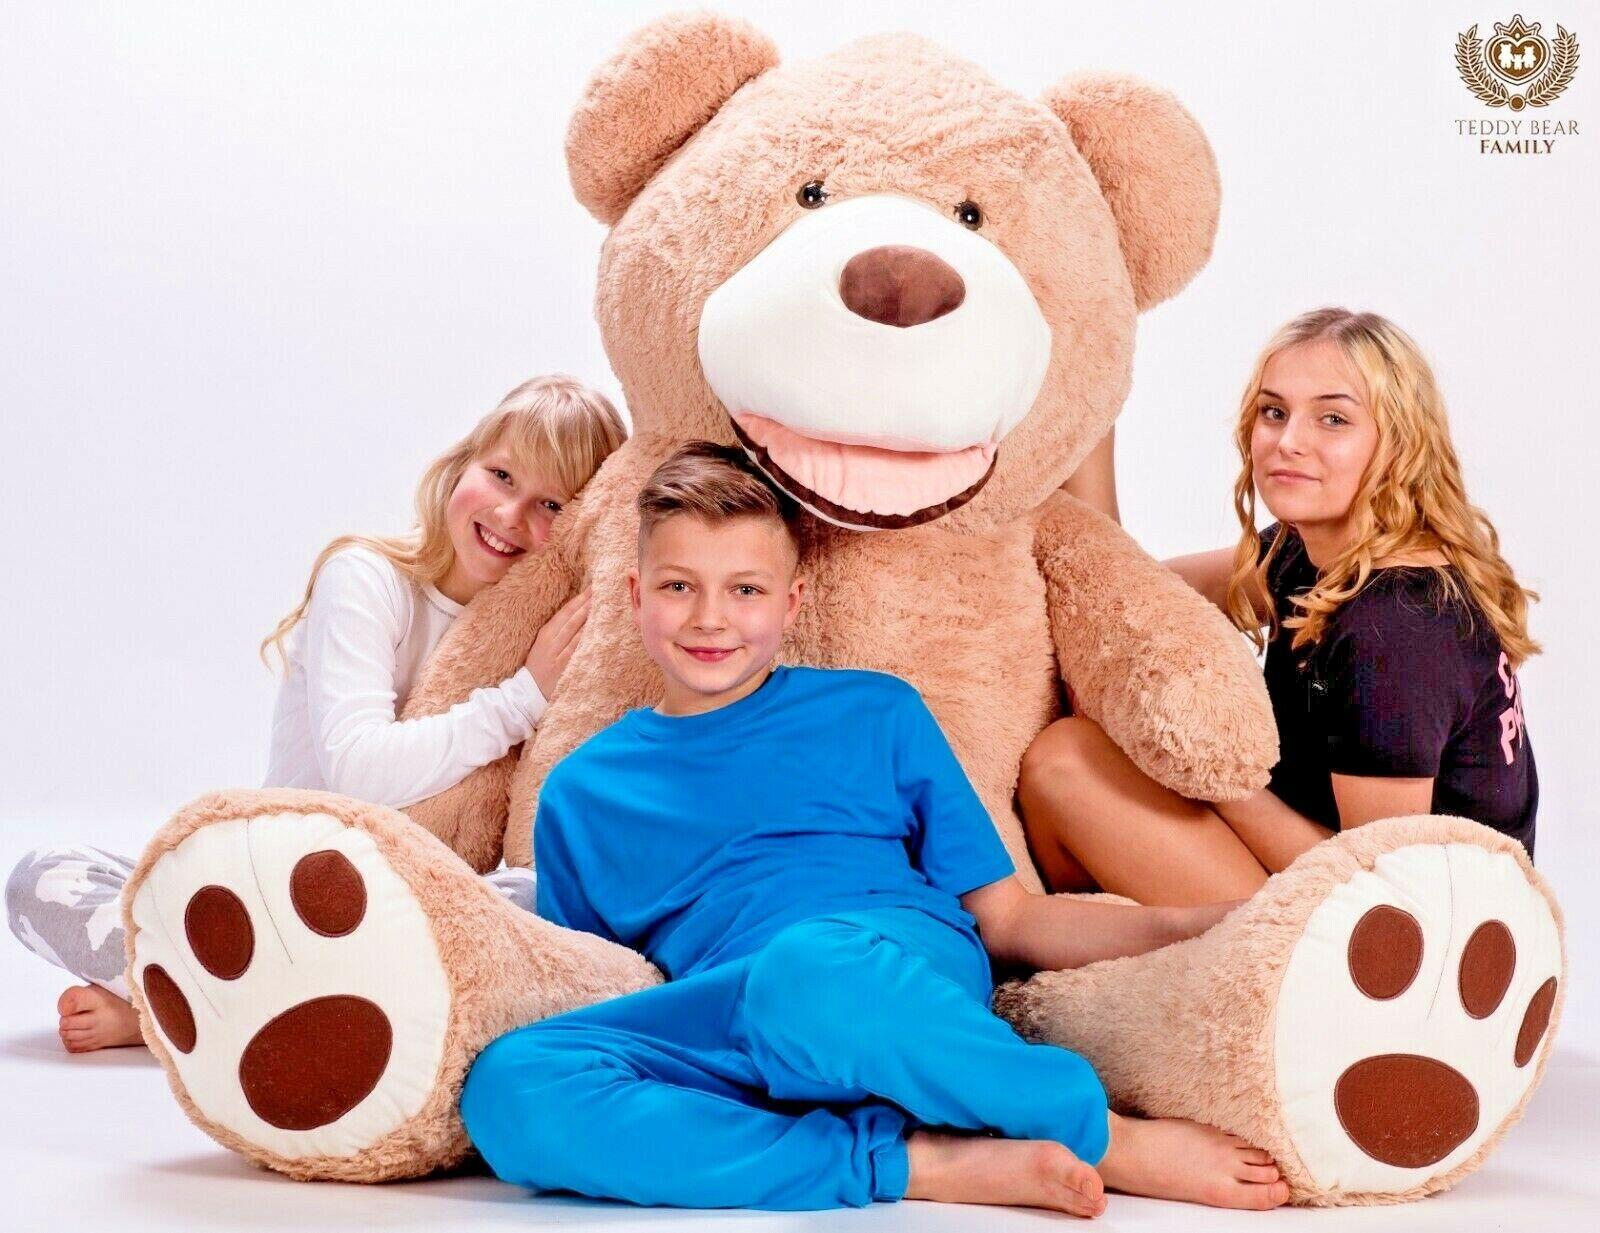 Teddybär XXL 240cm Riesen Stofftier Plüschtier Groß XXL XXL XXL Teddy Bär Geschenke idee 432c04